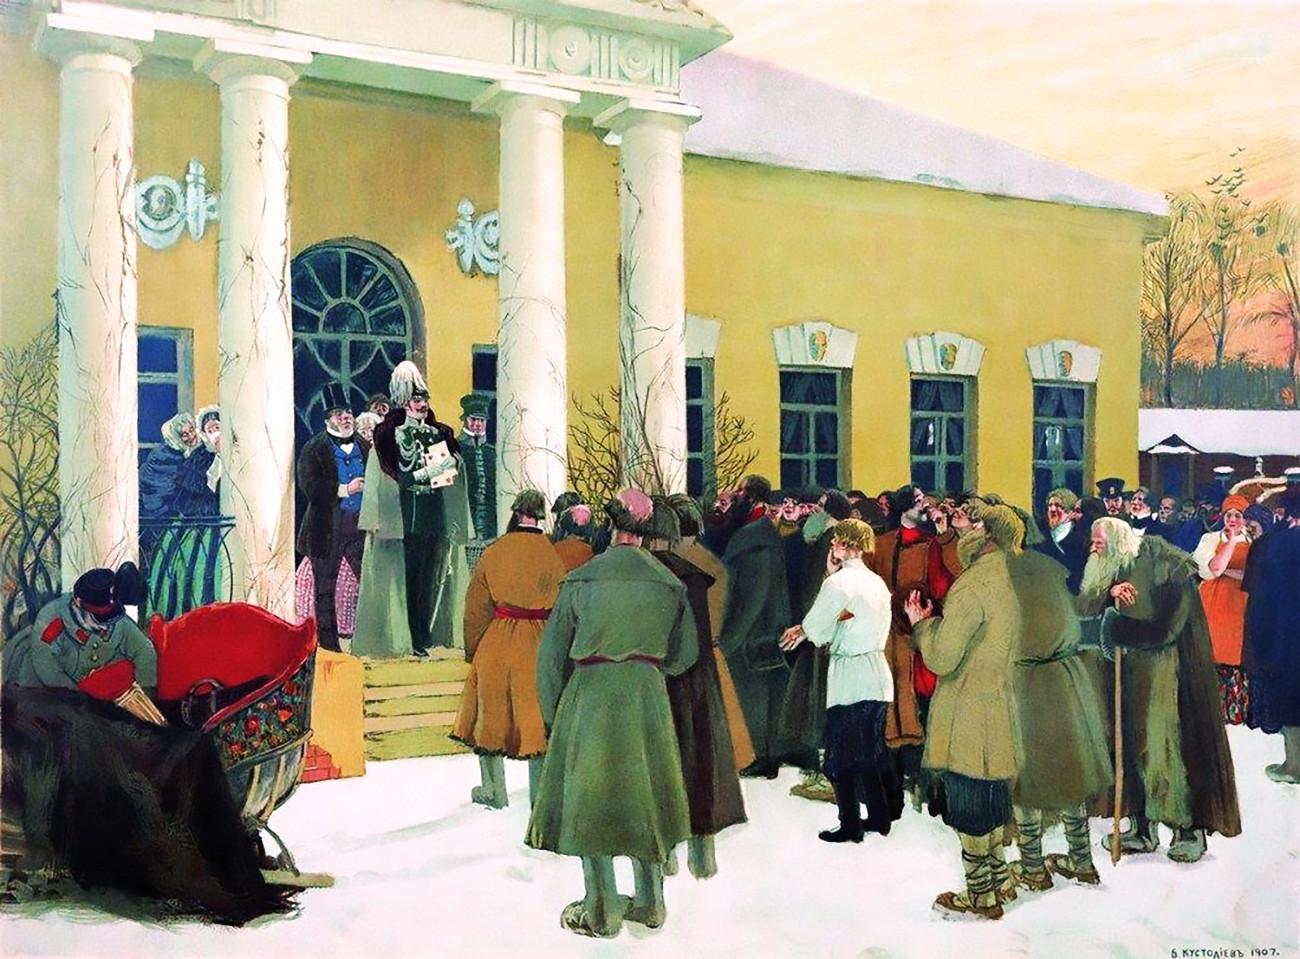 Verlesung des Manifests zur Befreiung der Bauern von Boris Kustodijew, 1907